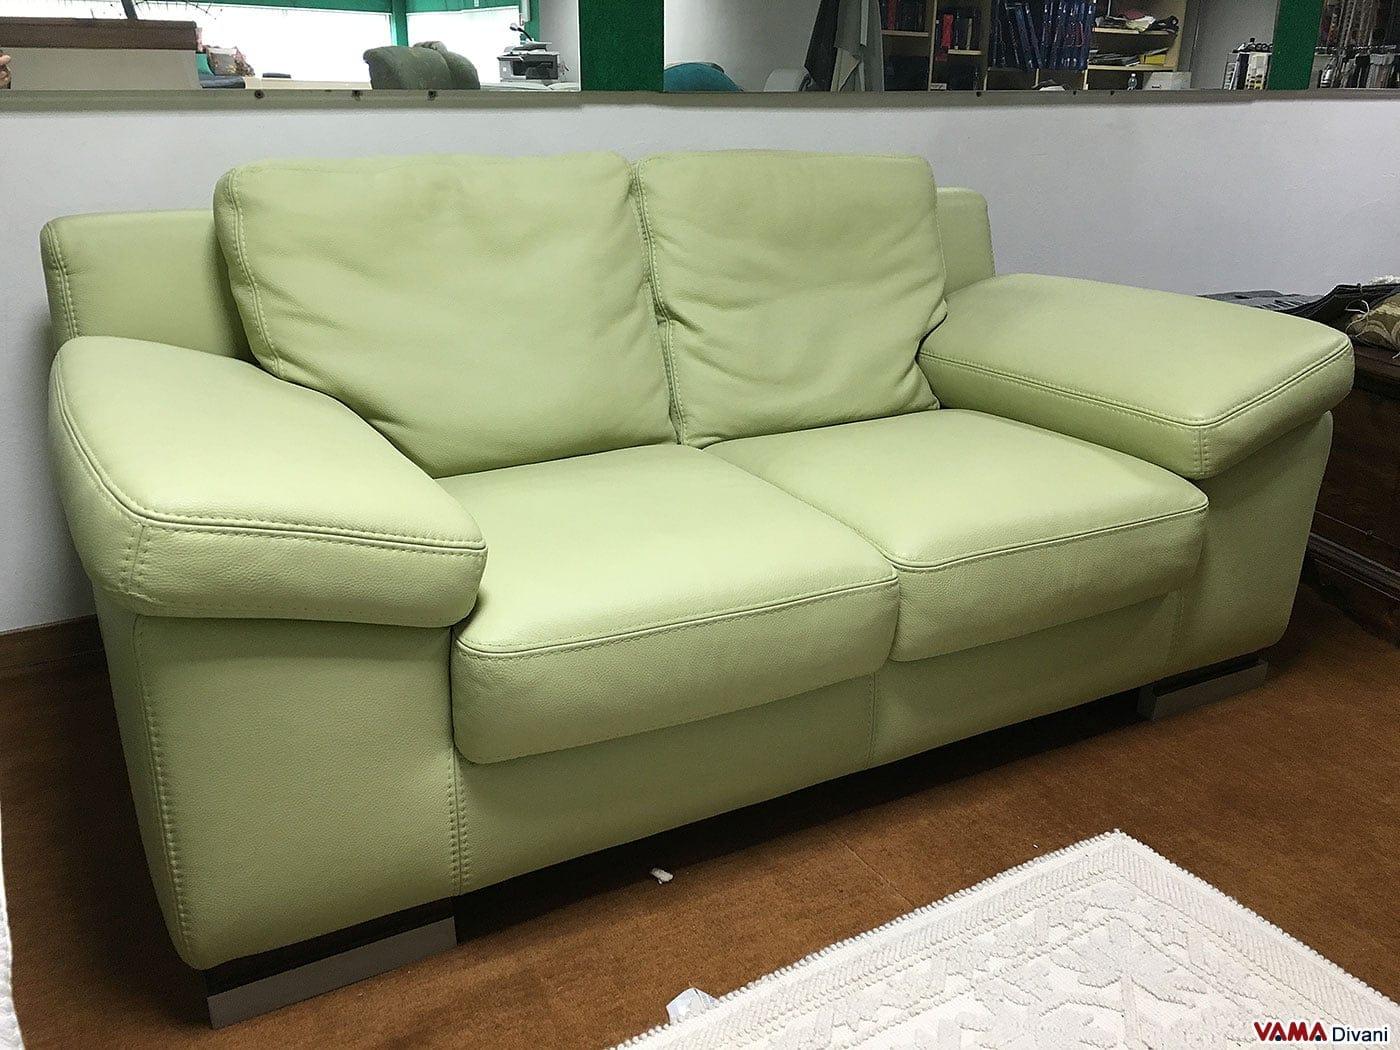 Divano in offerta 2 posti moderno in vera pelle verde for Divani letto 2 posti in offerta